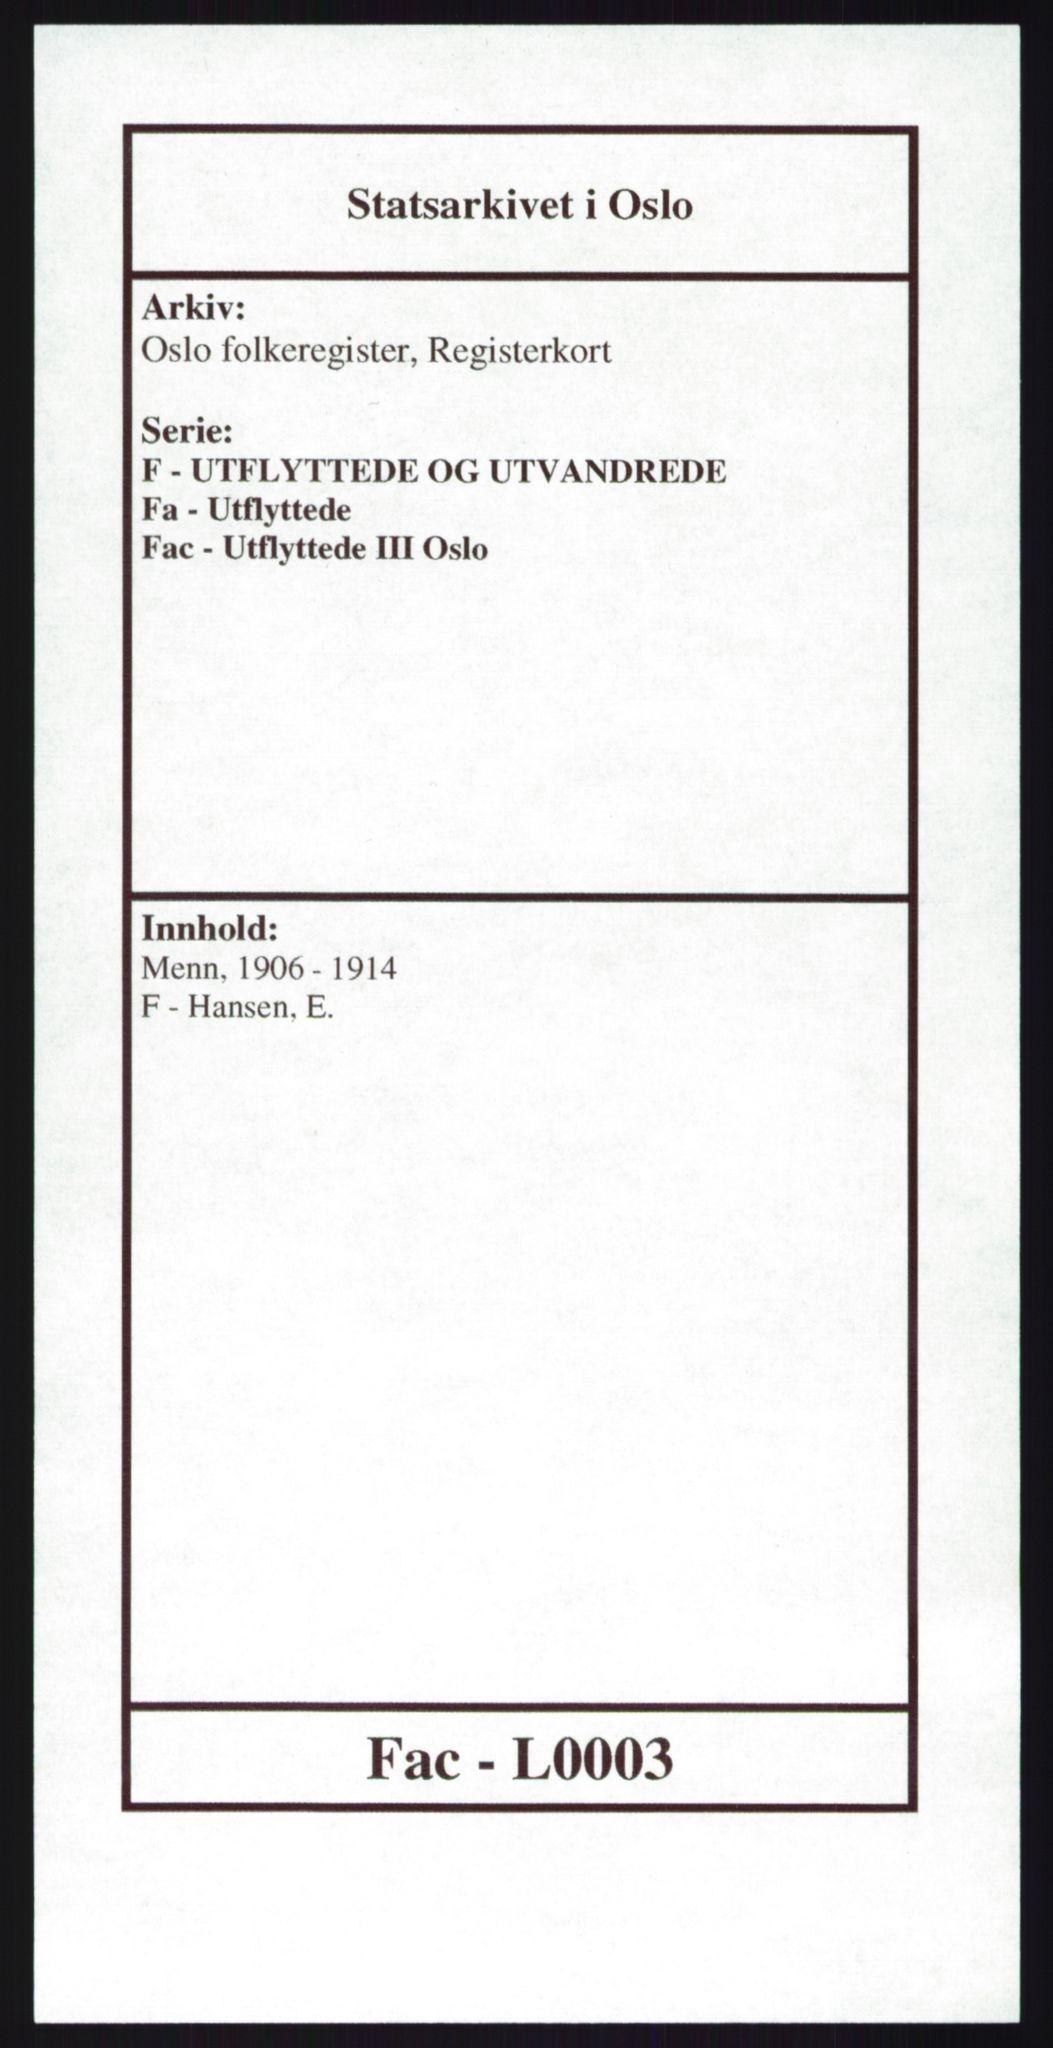 SAO, Oslo folkeregister, Registerkort, F/Fa/Fac/L0003: Menn, 1906-1914